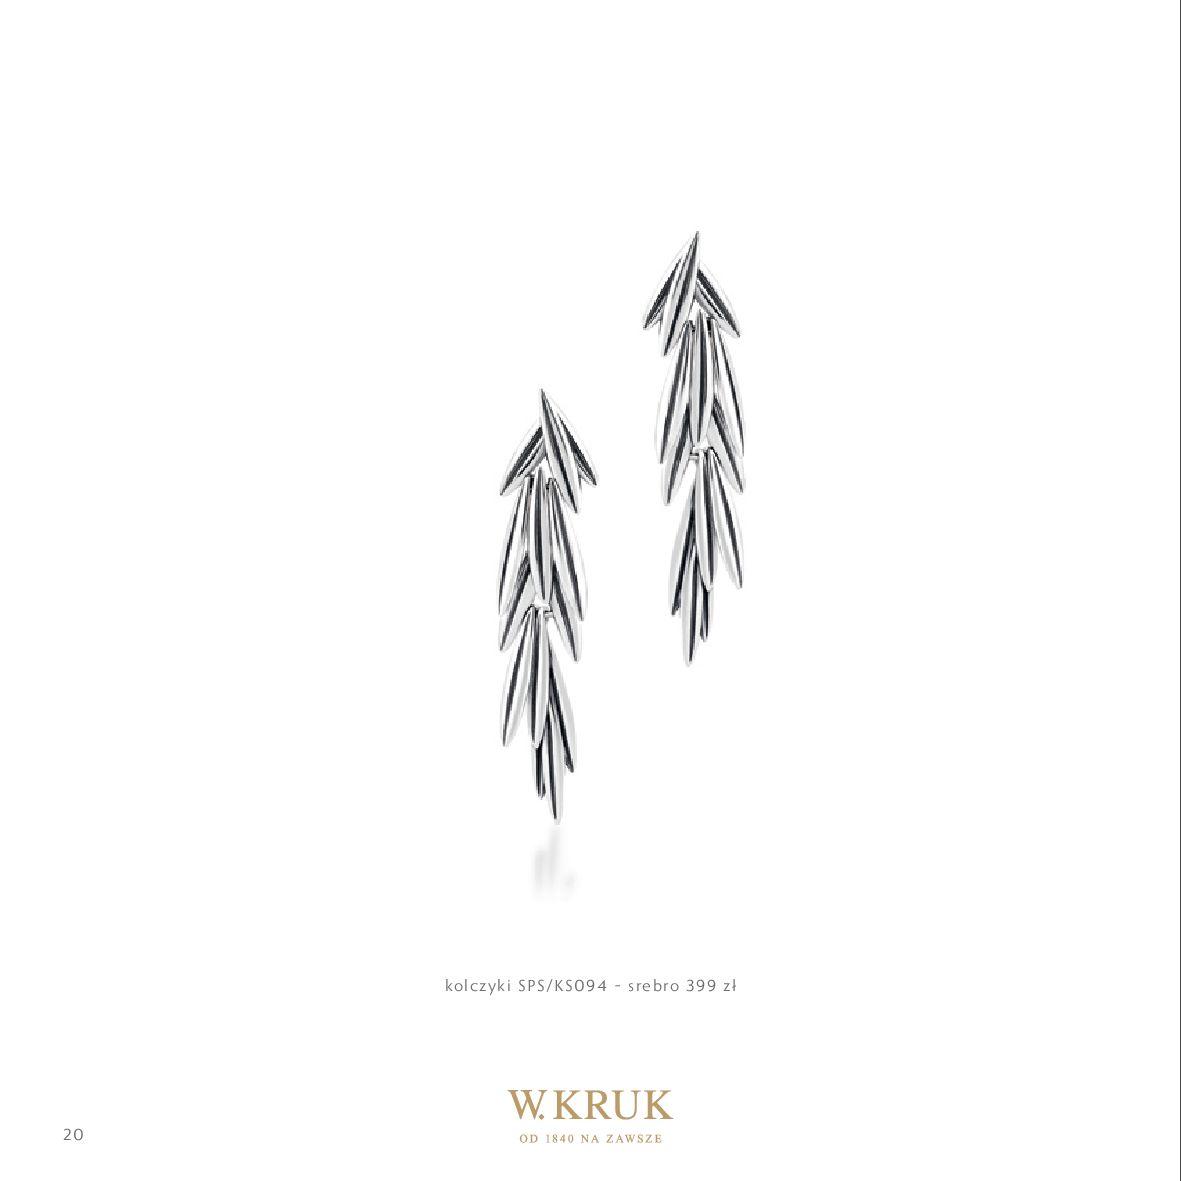 Gazetka W. KRUK: Katalog - Kolekcja Przyjaźń 2021-02-17 page-22